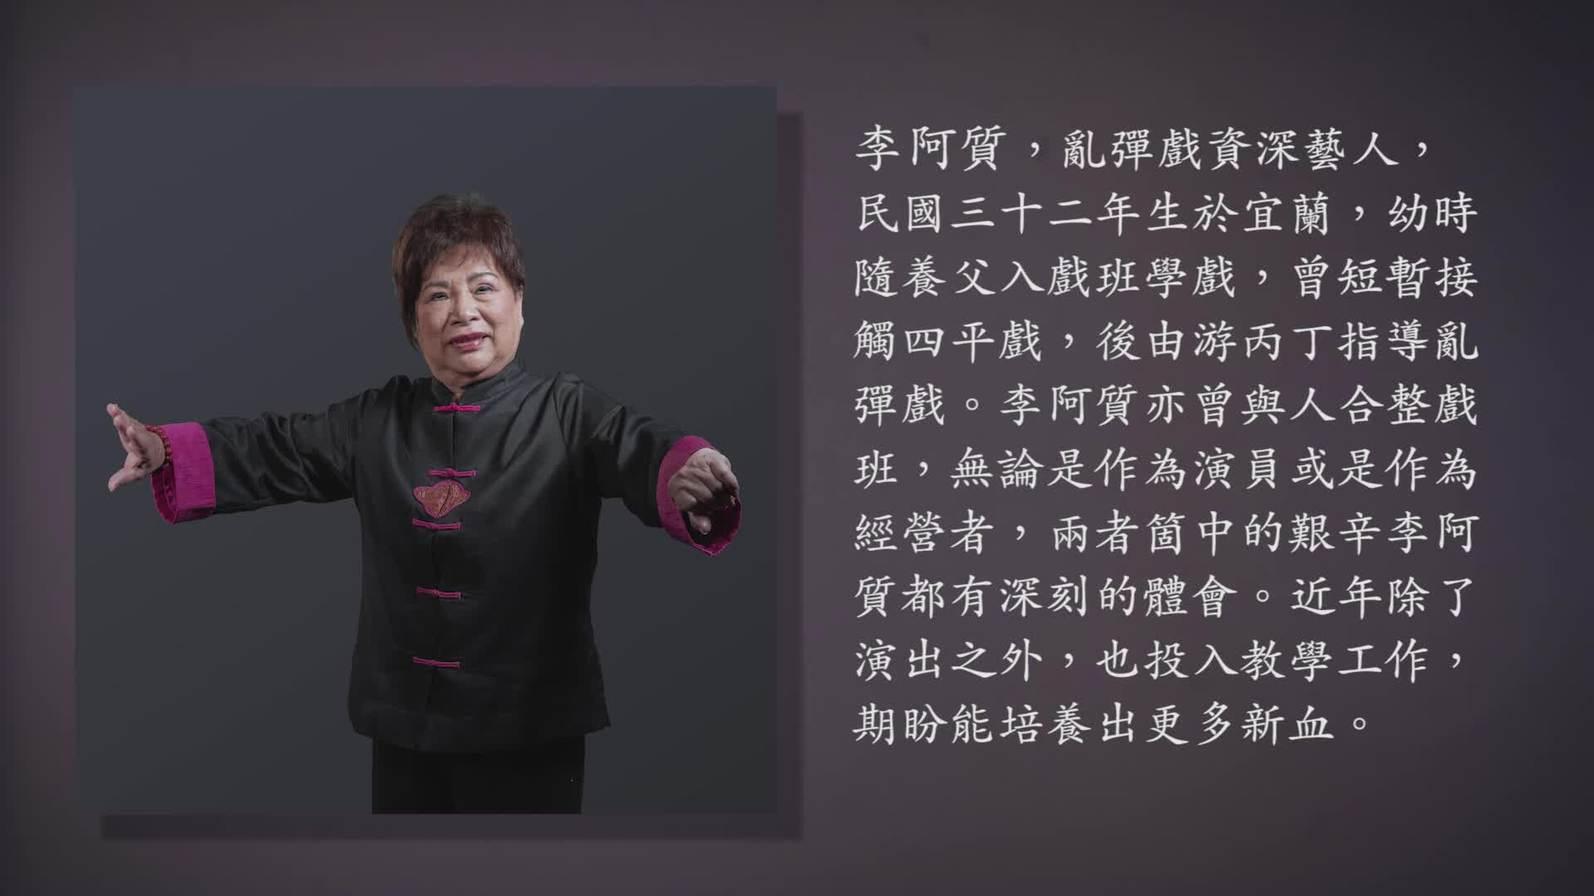 技藝.記憶-傳統藝術藝人口述歷史影像紀錄計畫-李阿質精華片段